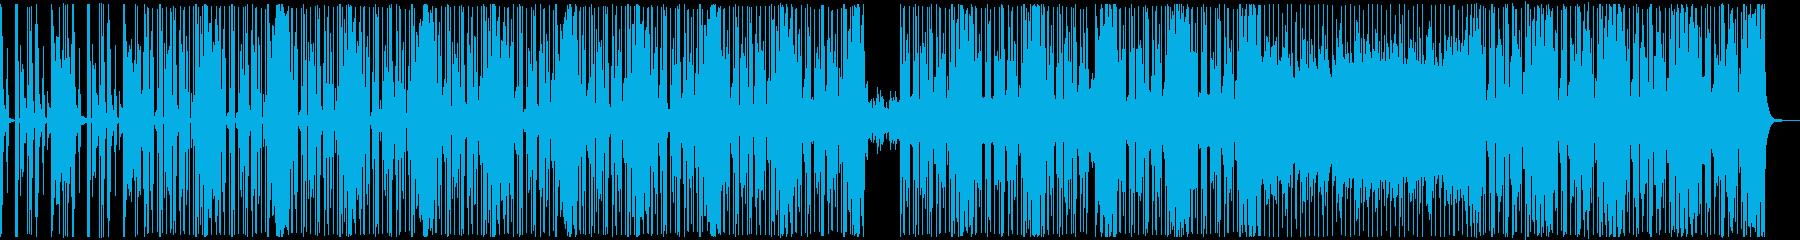 東洋SFなハウスエレクトロニックの再生済みの波形